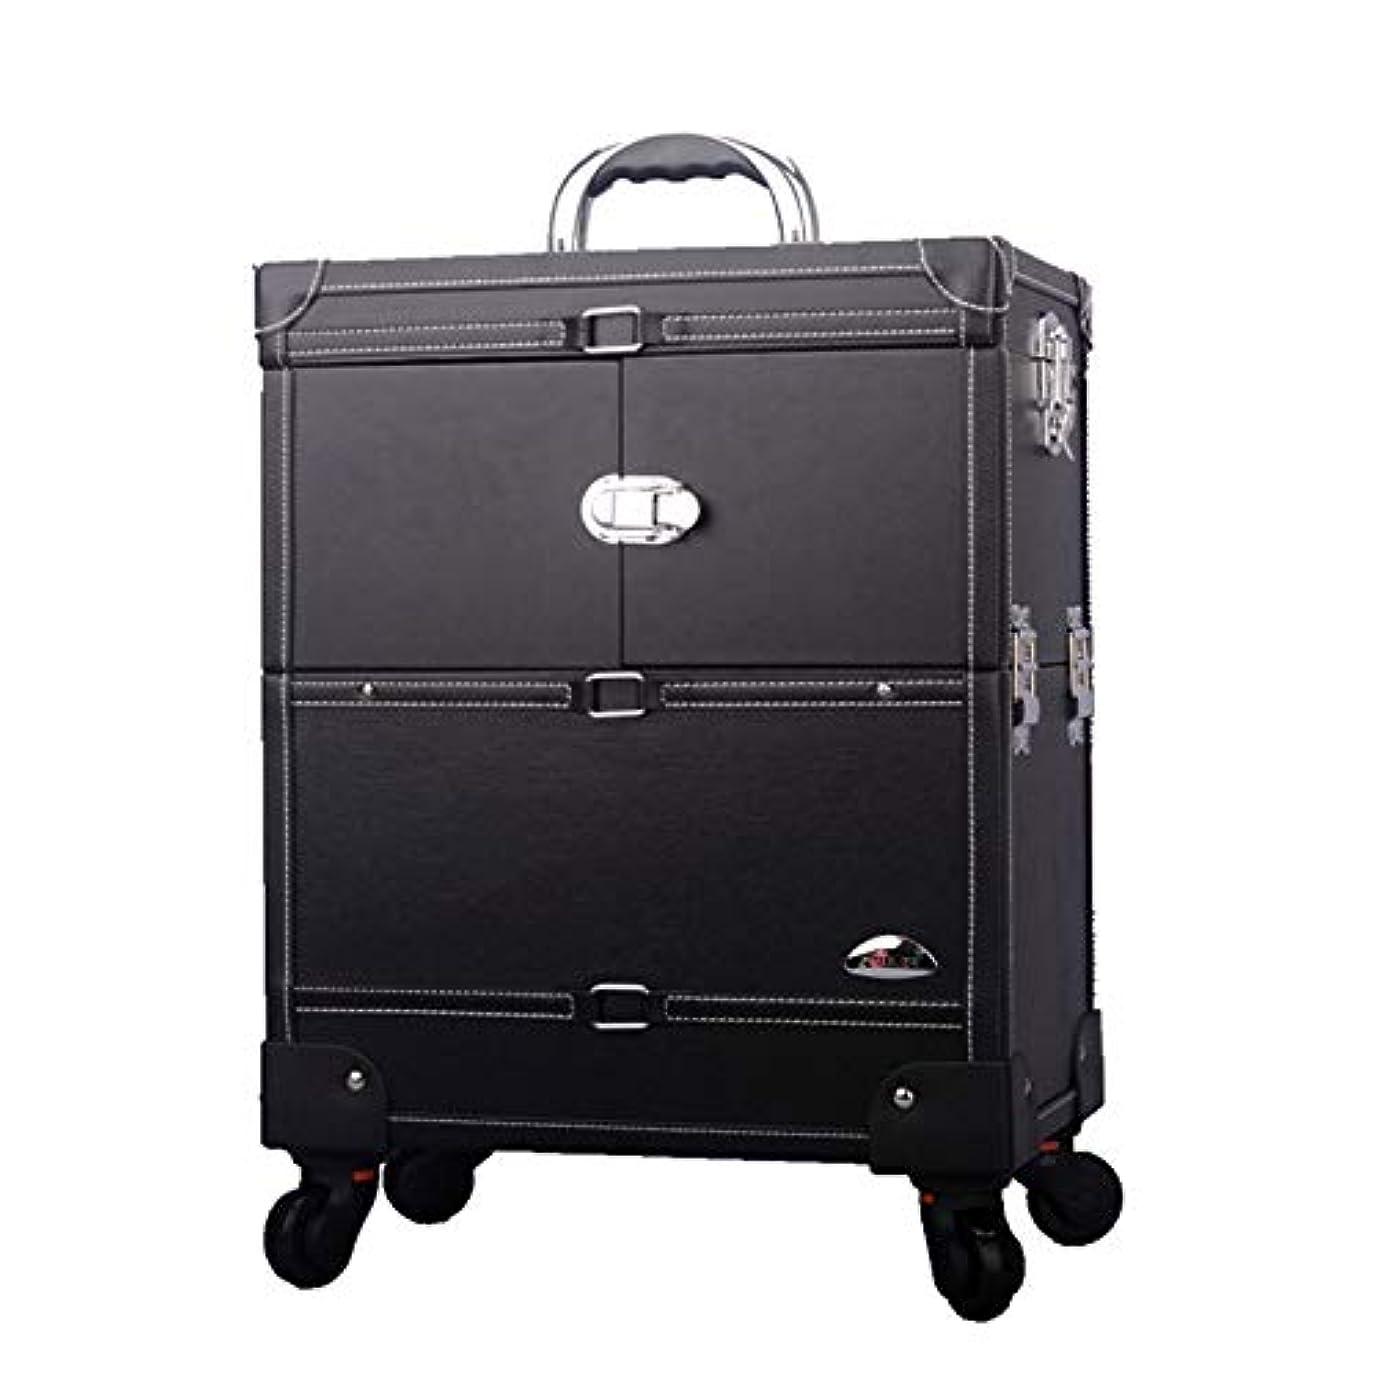 背の高い方法ガードプロ専用 美容師 クローゼット スーツケース メイクボックス キャリーバッグ ヘアメイク プロ 大容量 軽量 高品質 多機能 I-JL-3623T-B-T